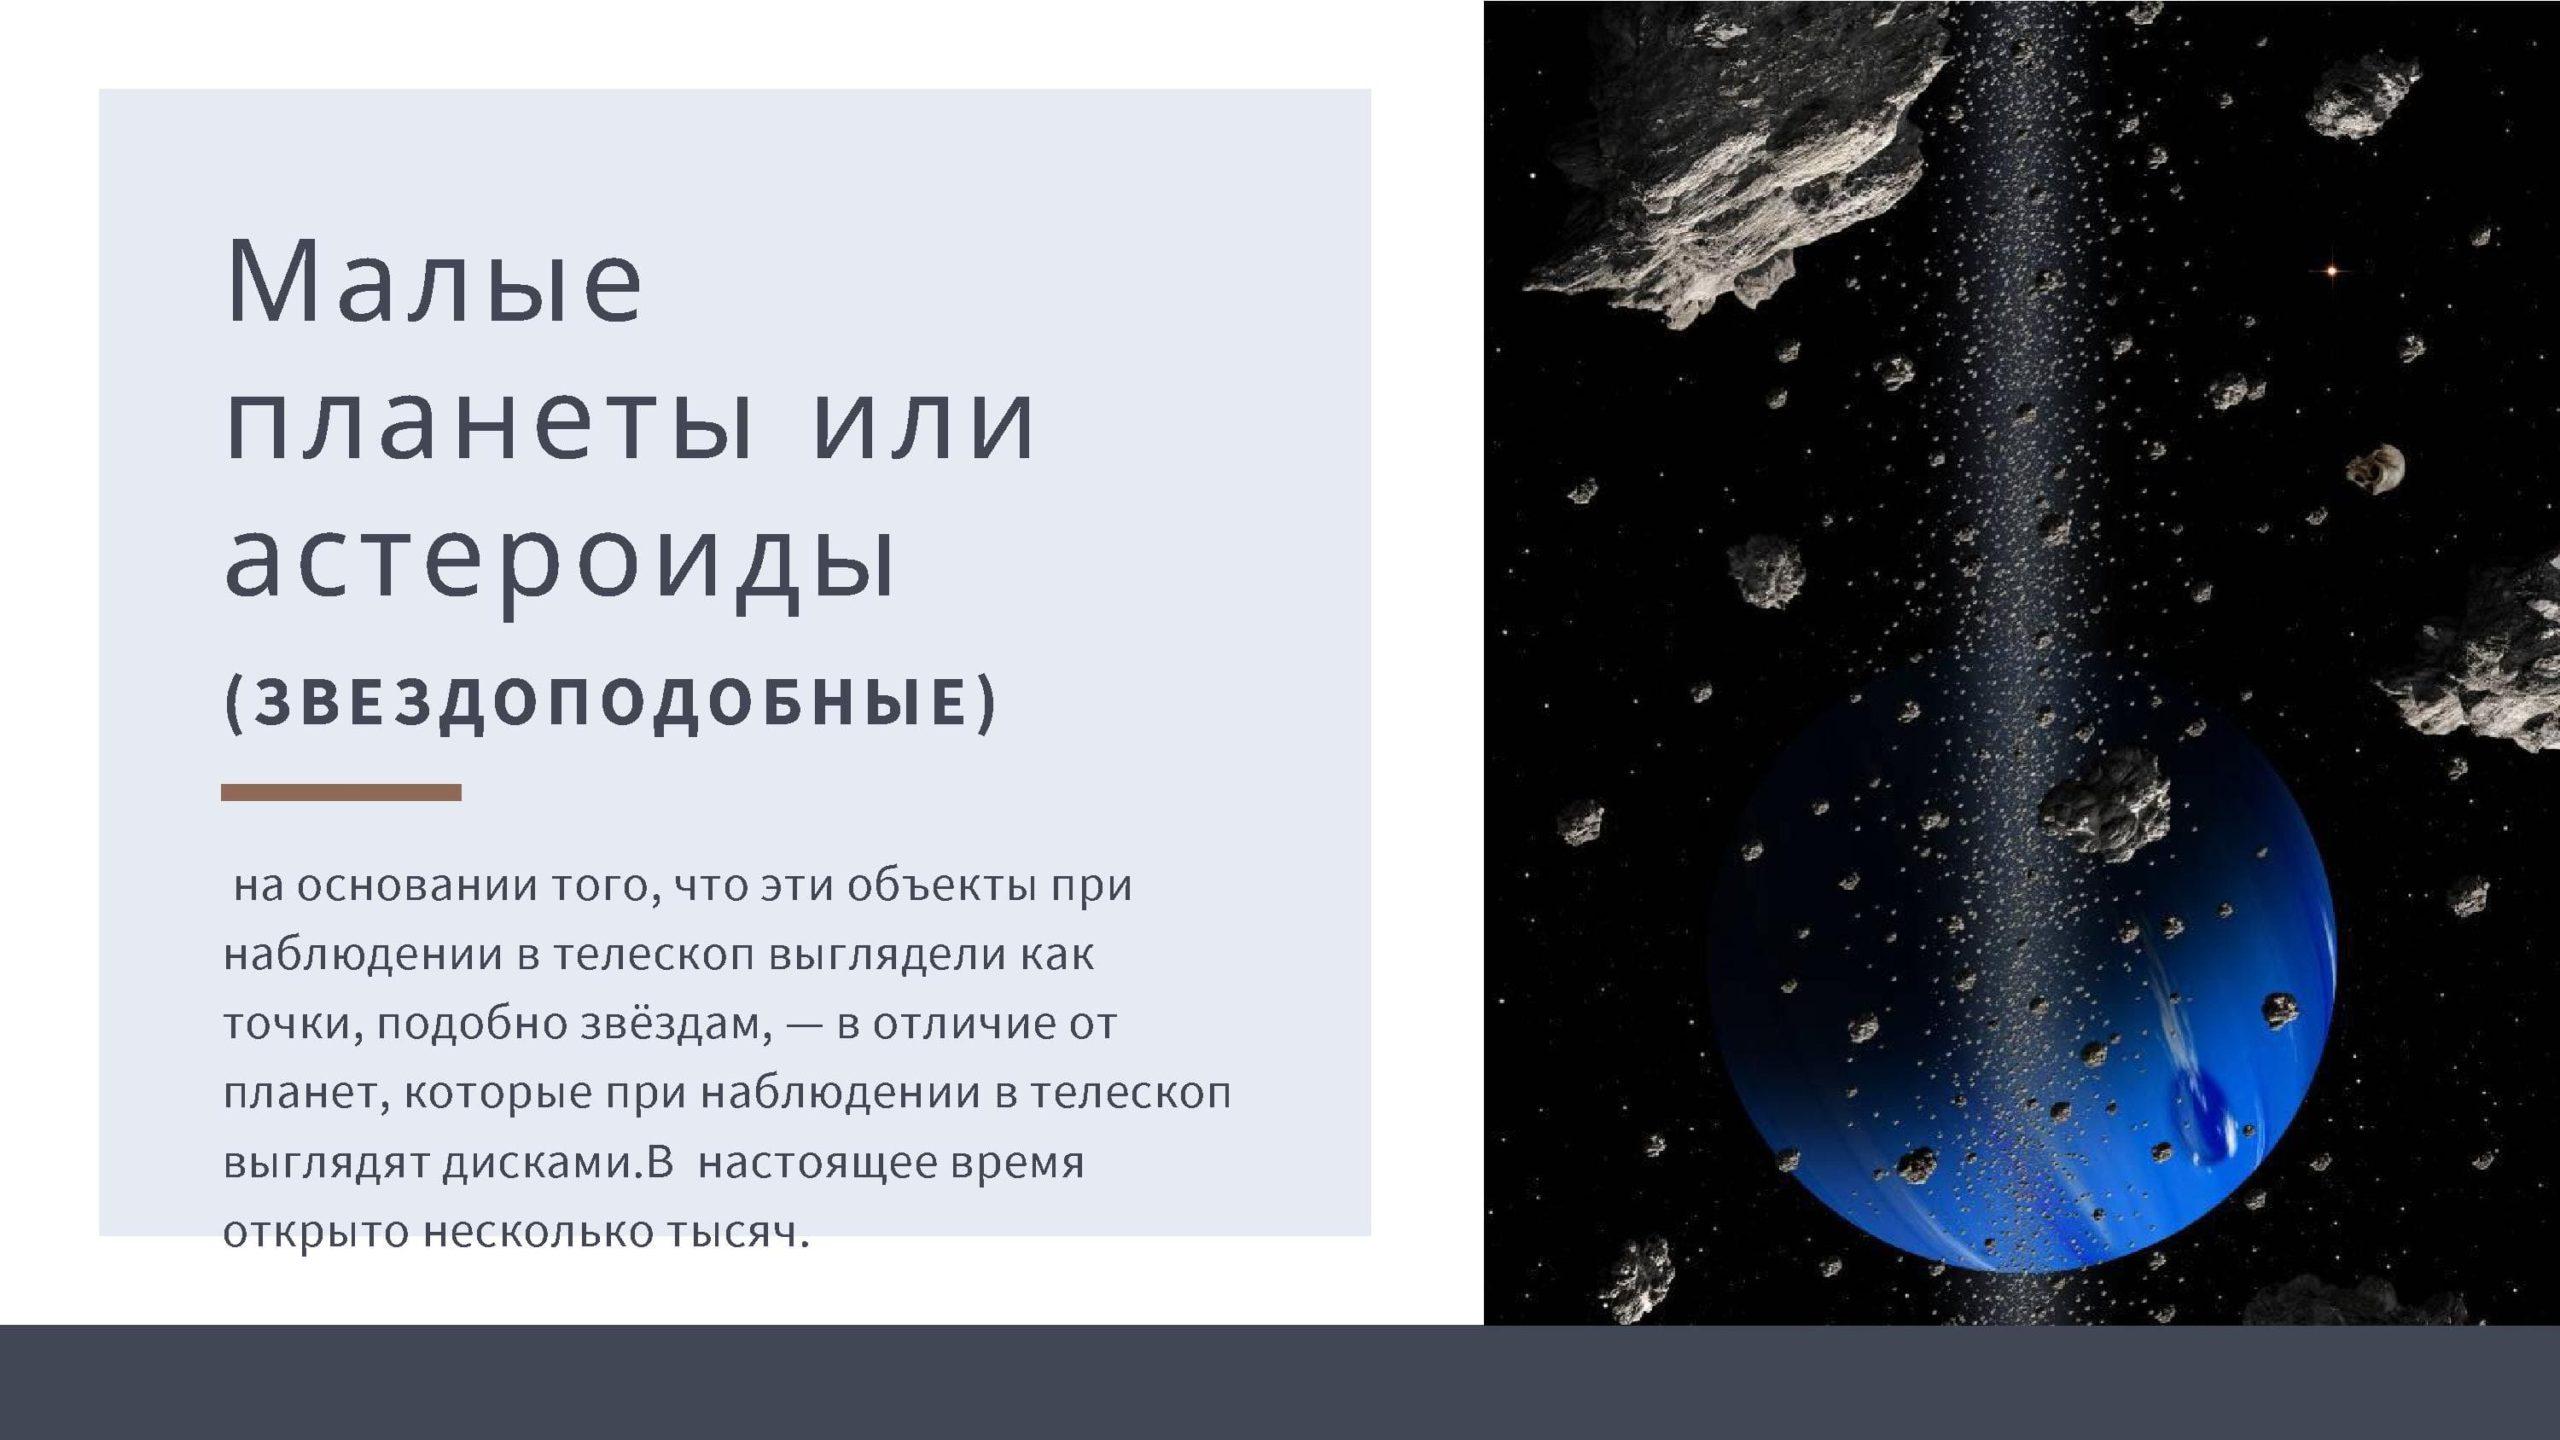 Малые планеты или астероиды (звёздоподобные)